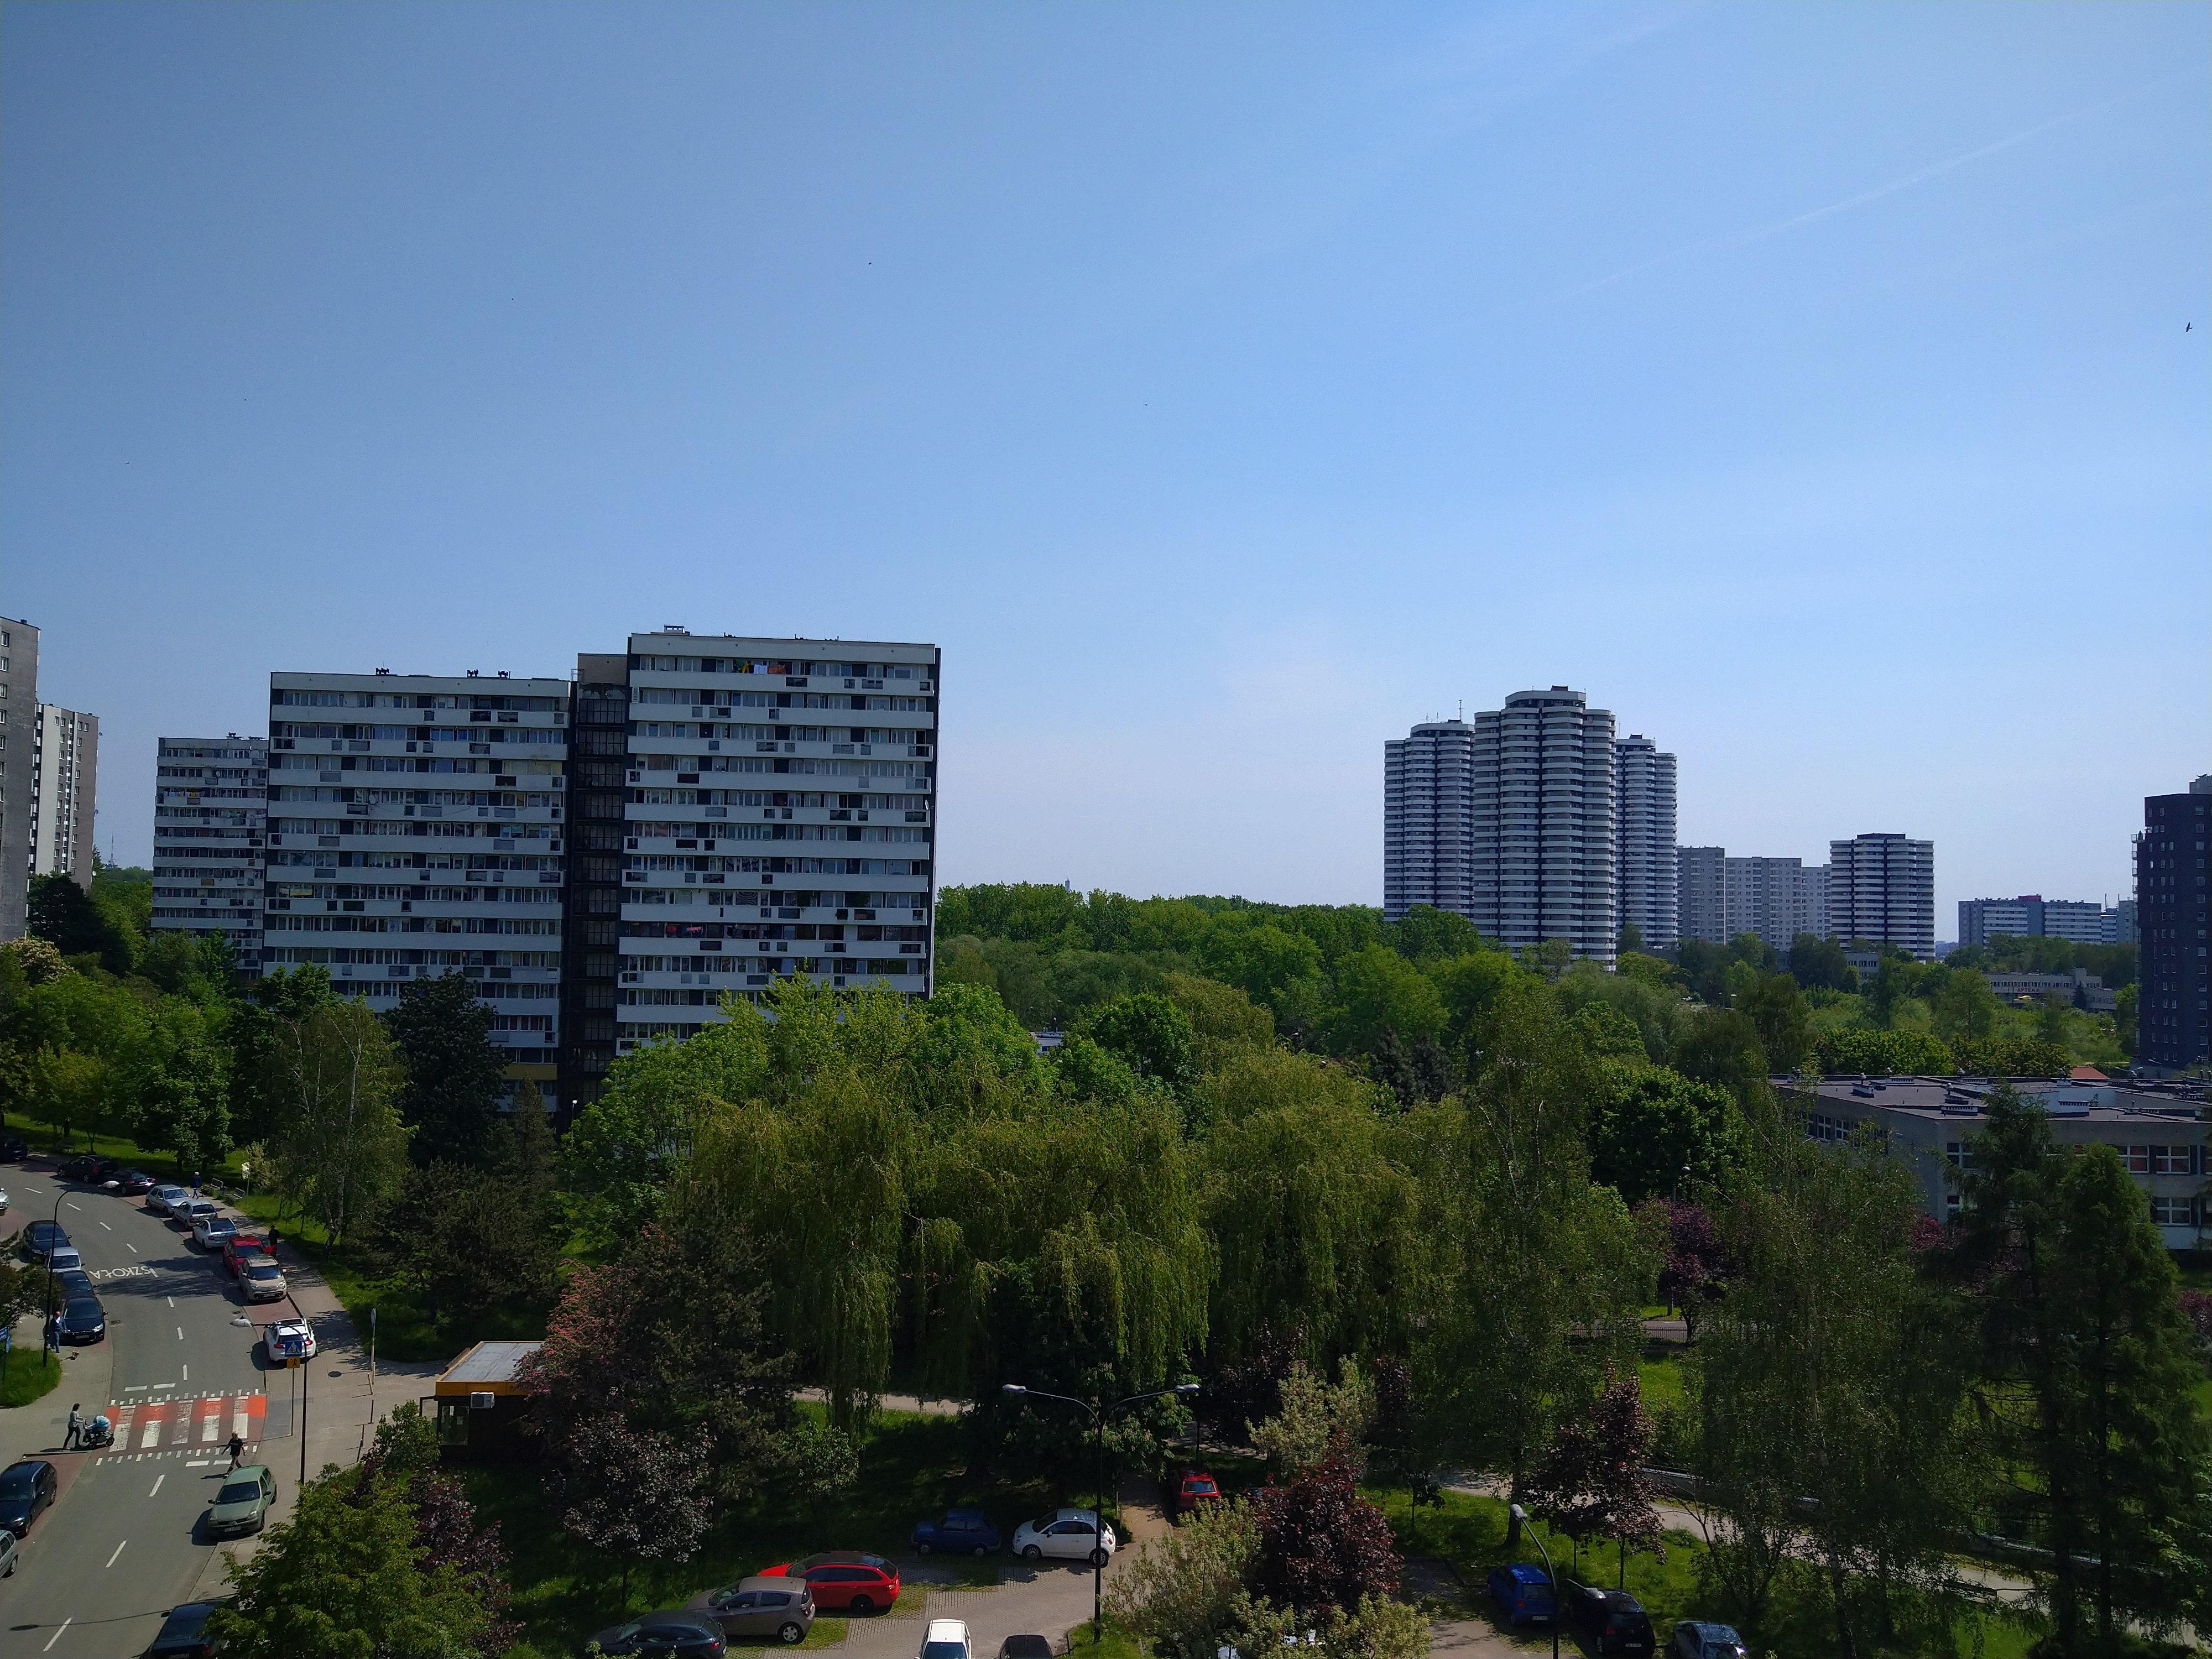 Słoneczna pogoda - Sony Xperia 10 Plus